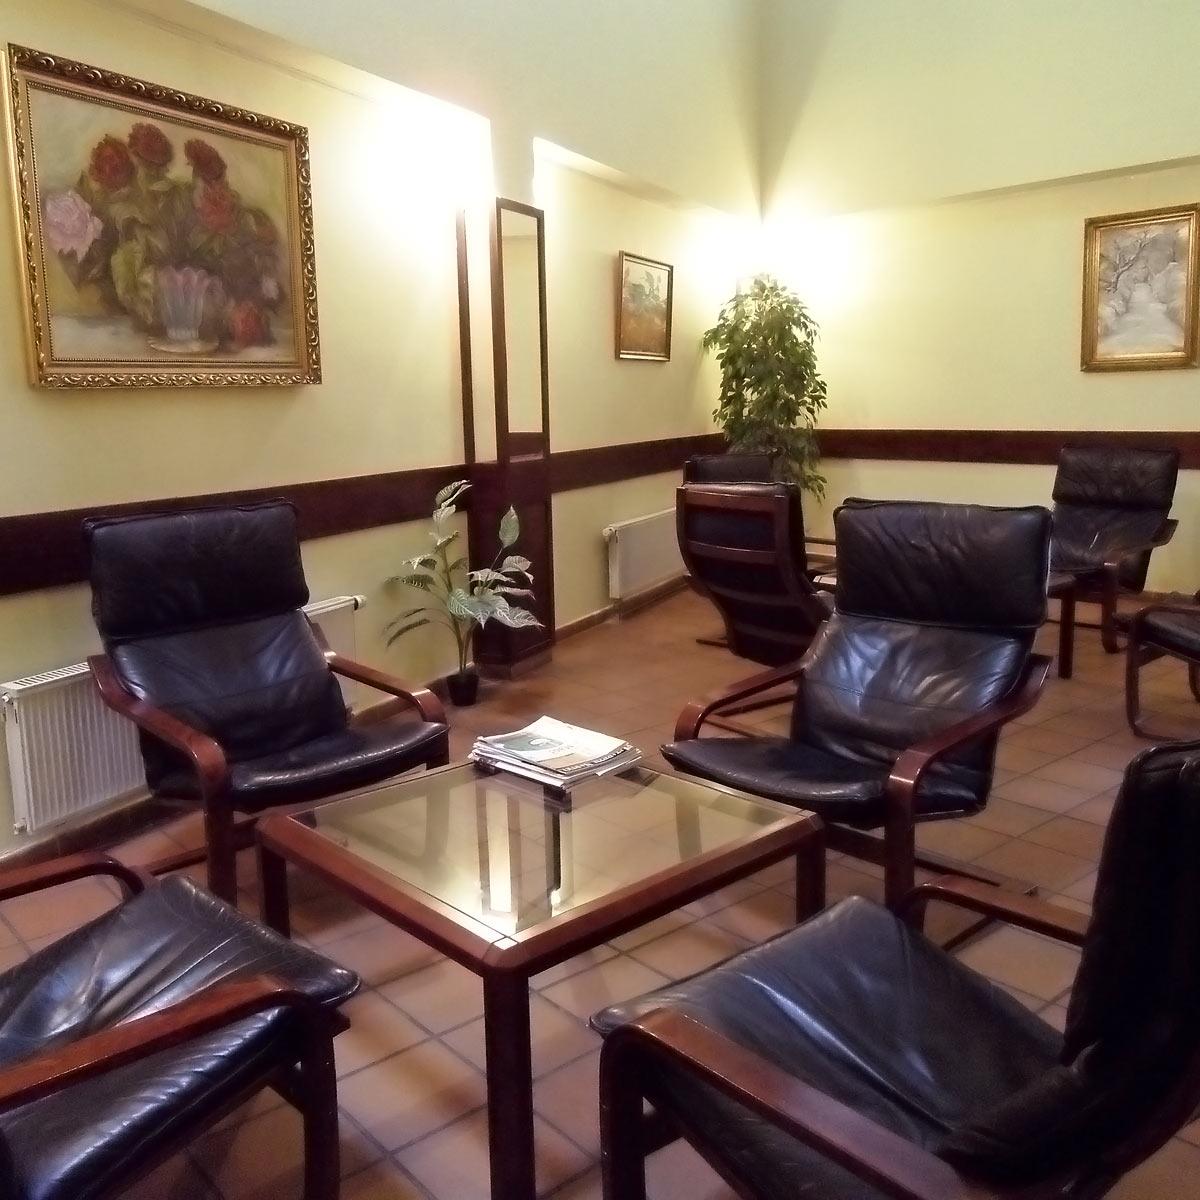 Офтальмологическая клиника Арцыбашева (Кератоконусный центр)